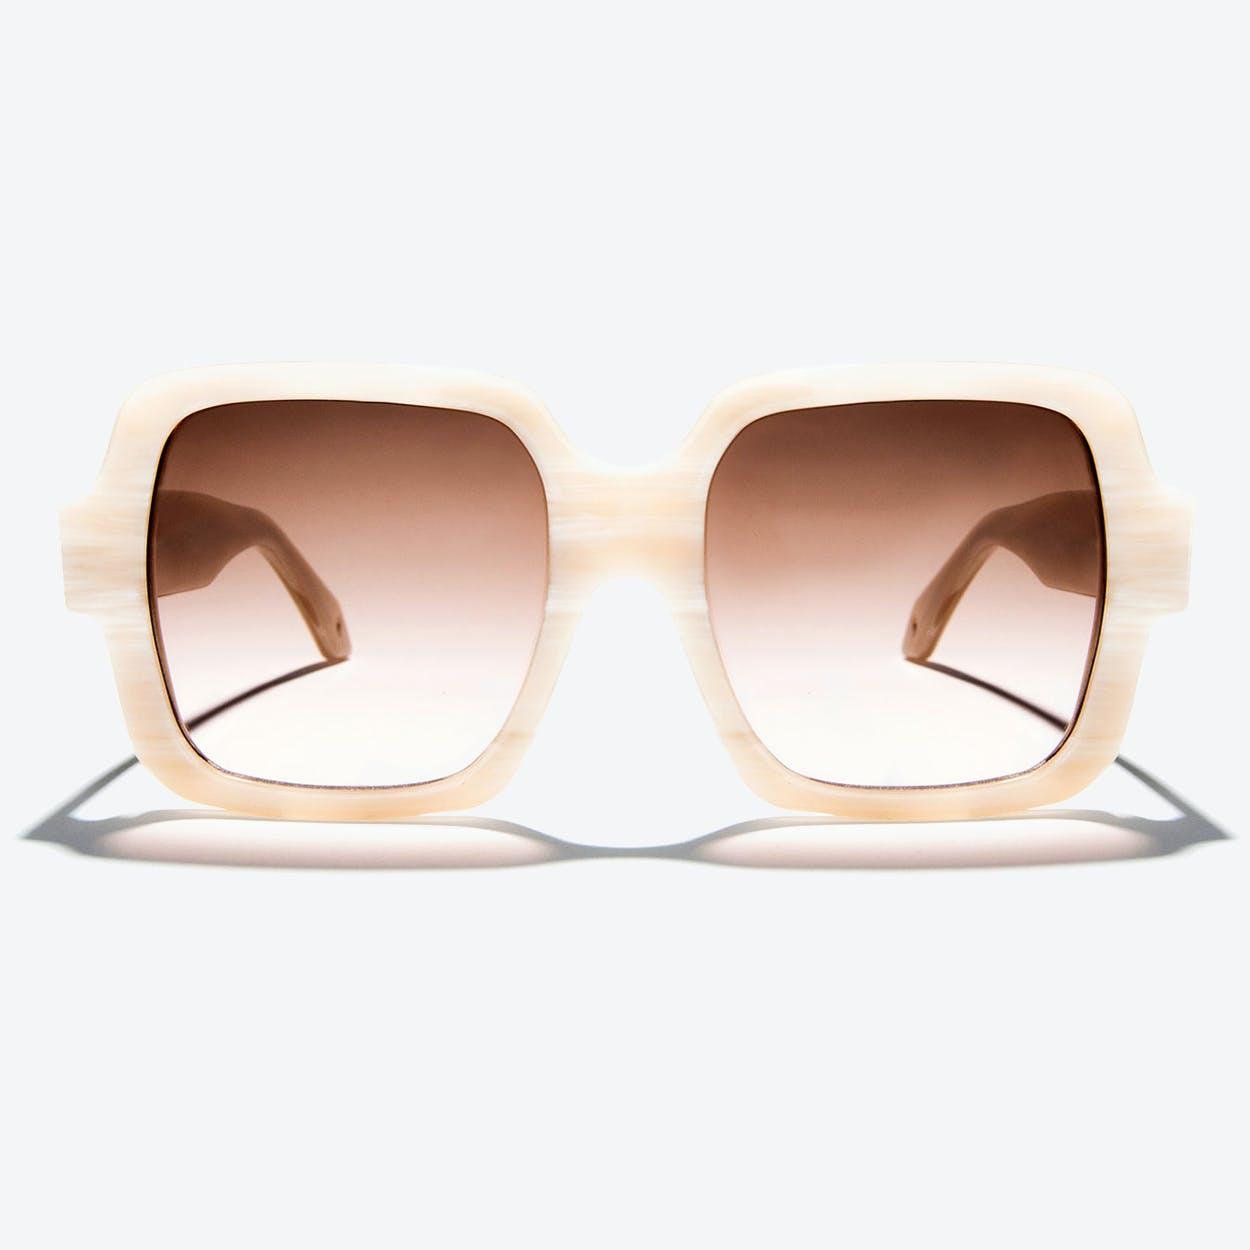 Hydra Sunglasses in Pale